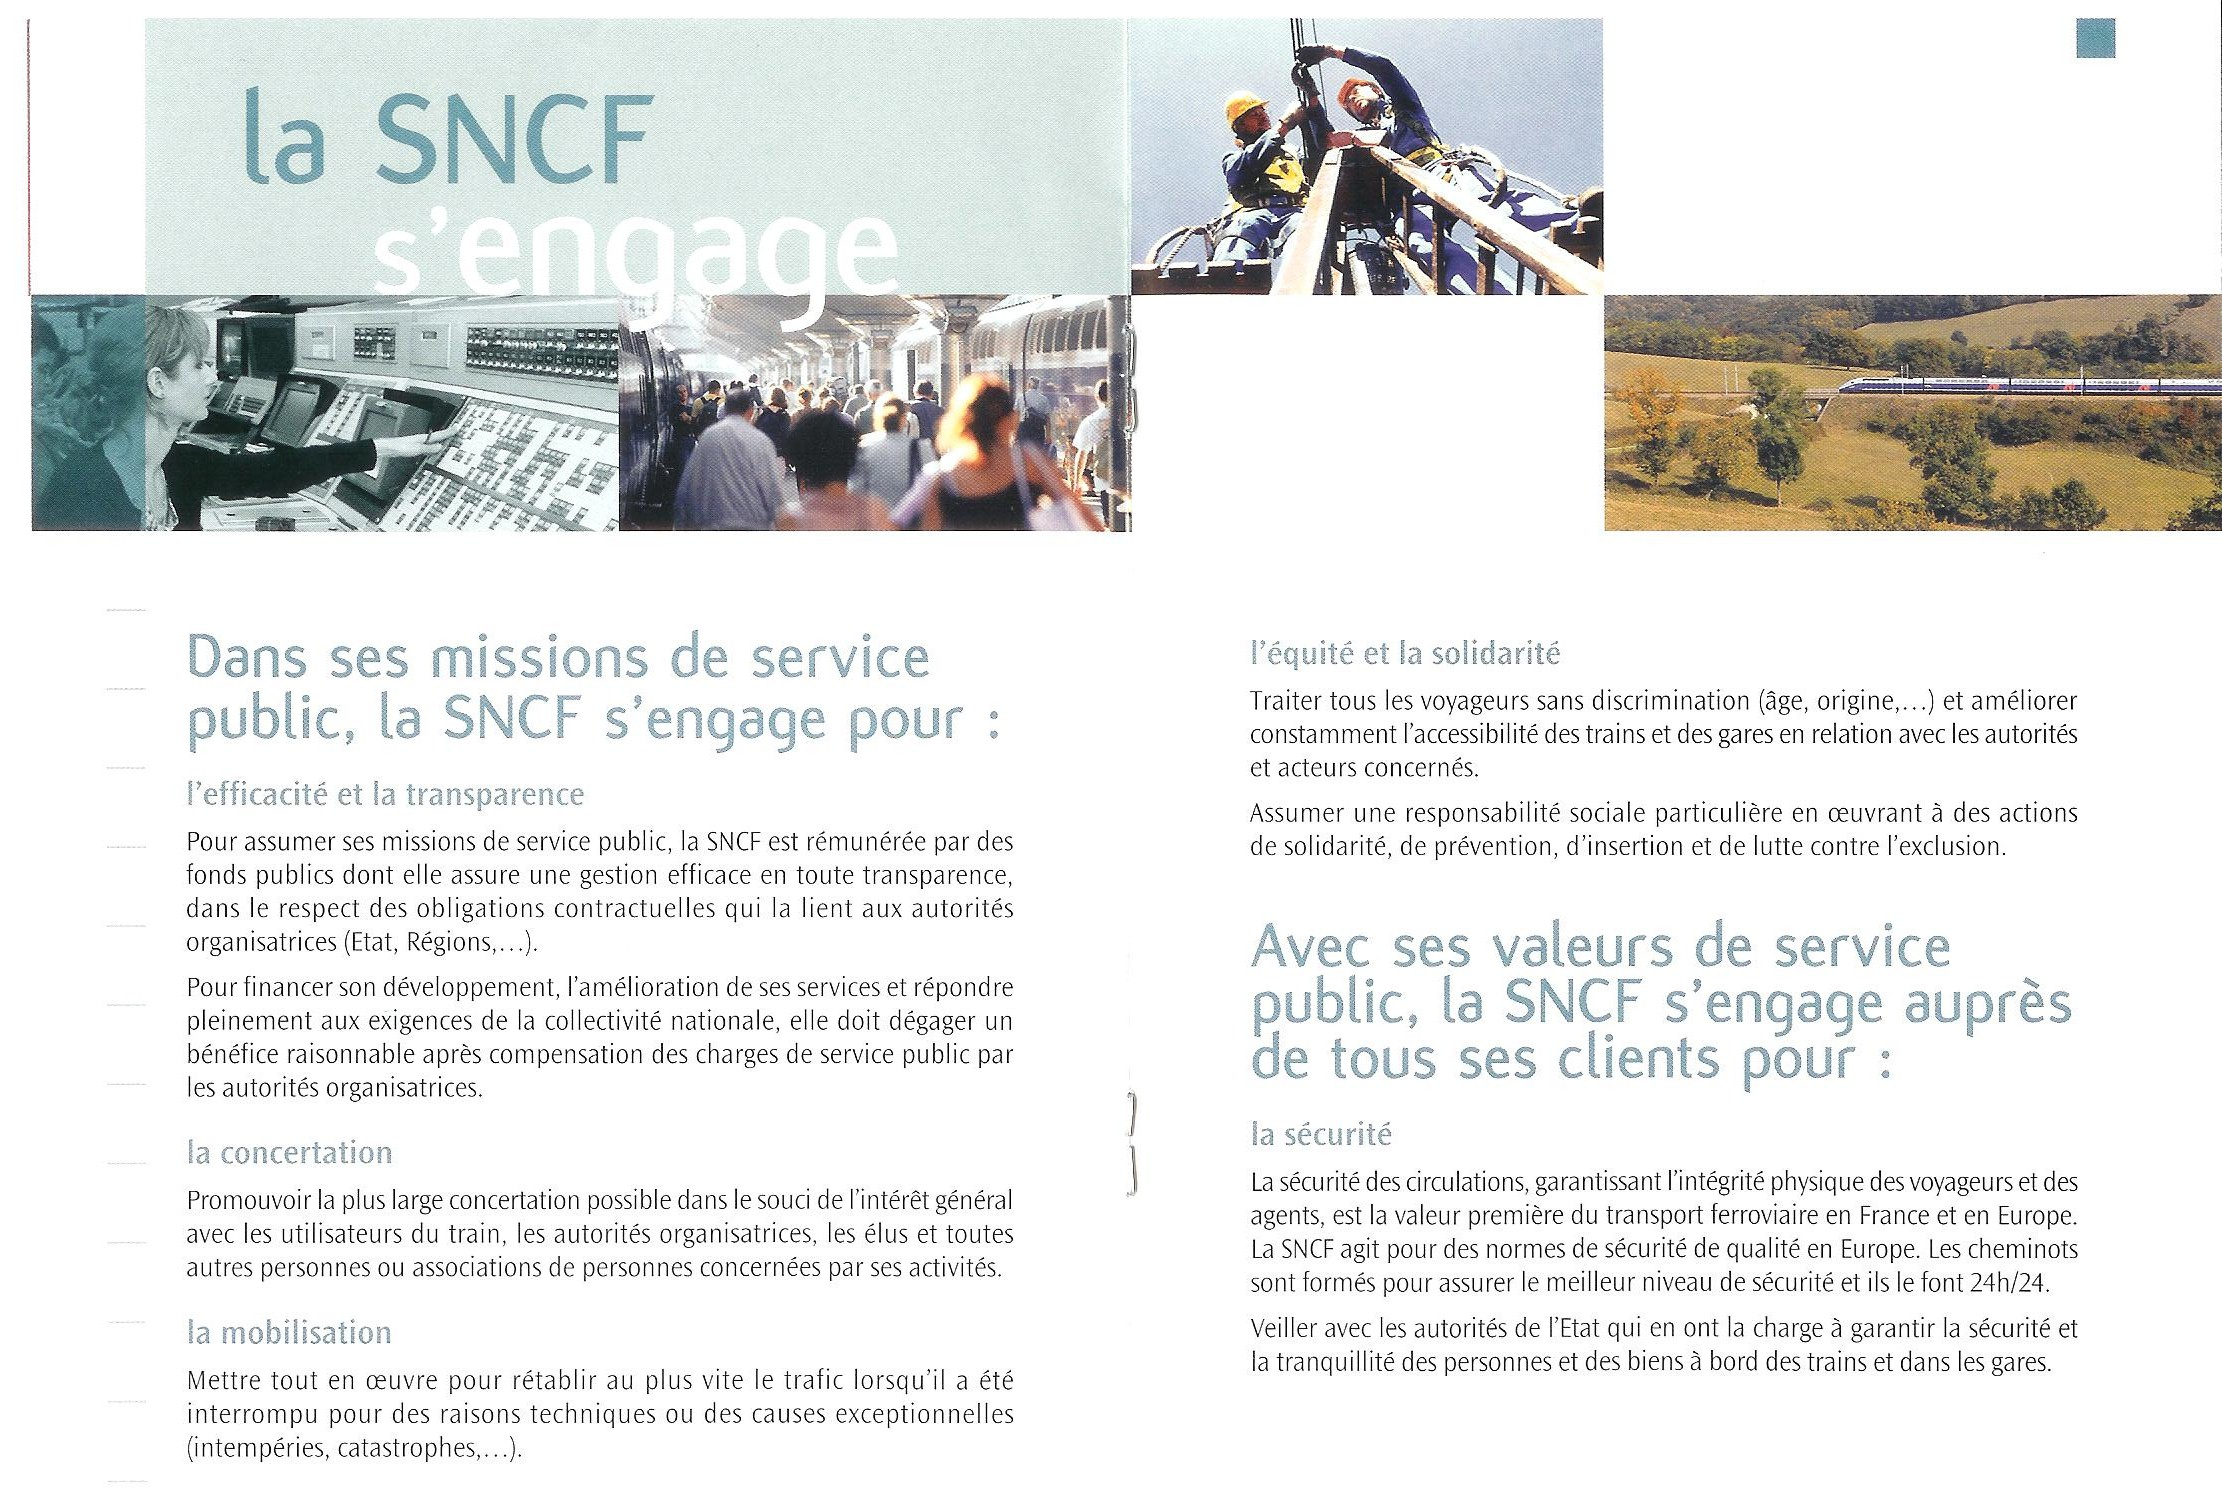 charte-du-service-public-sncf-4-5-2004-10